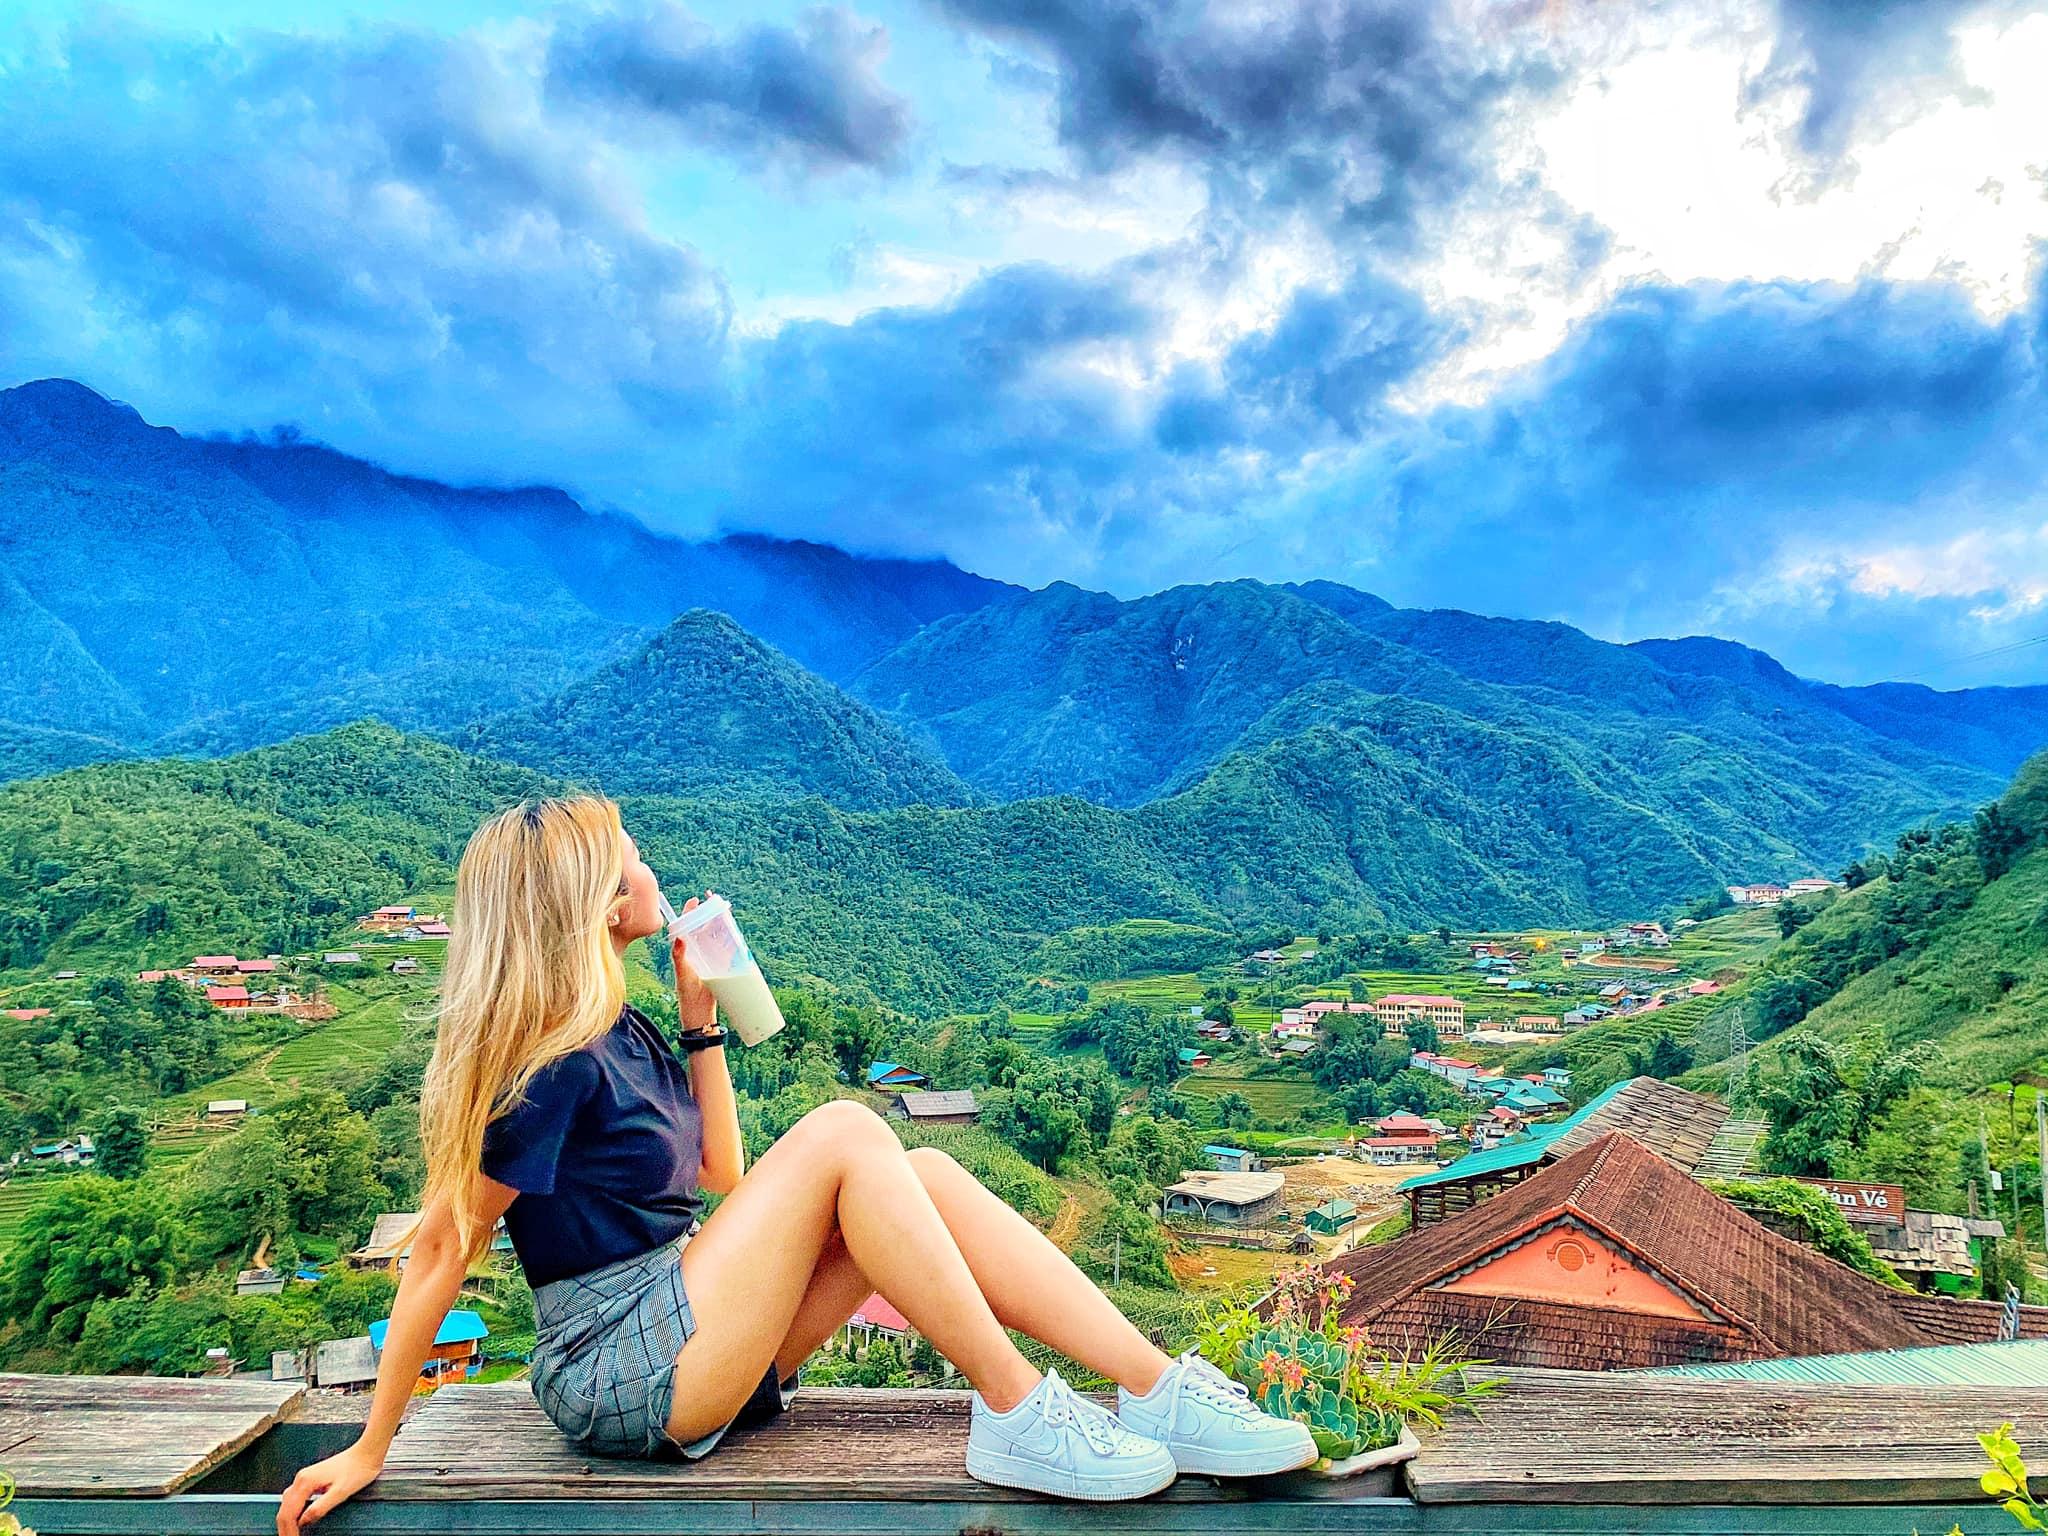 Tour du lịch Sapa khởi hành từ Hà Nội: Chi phí trọn gói chỉ từ 1,1 triệu đồng - Ảnh 4.